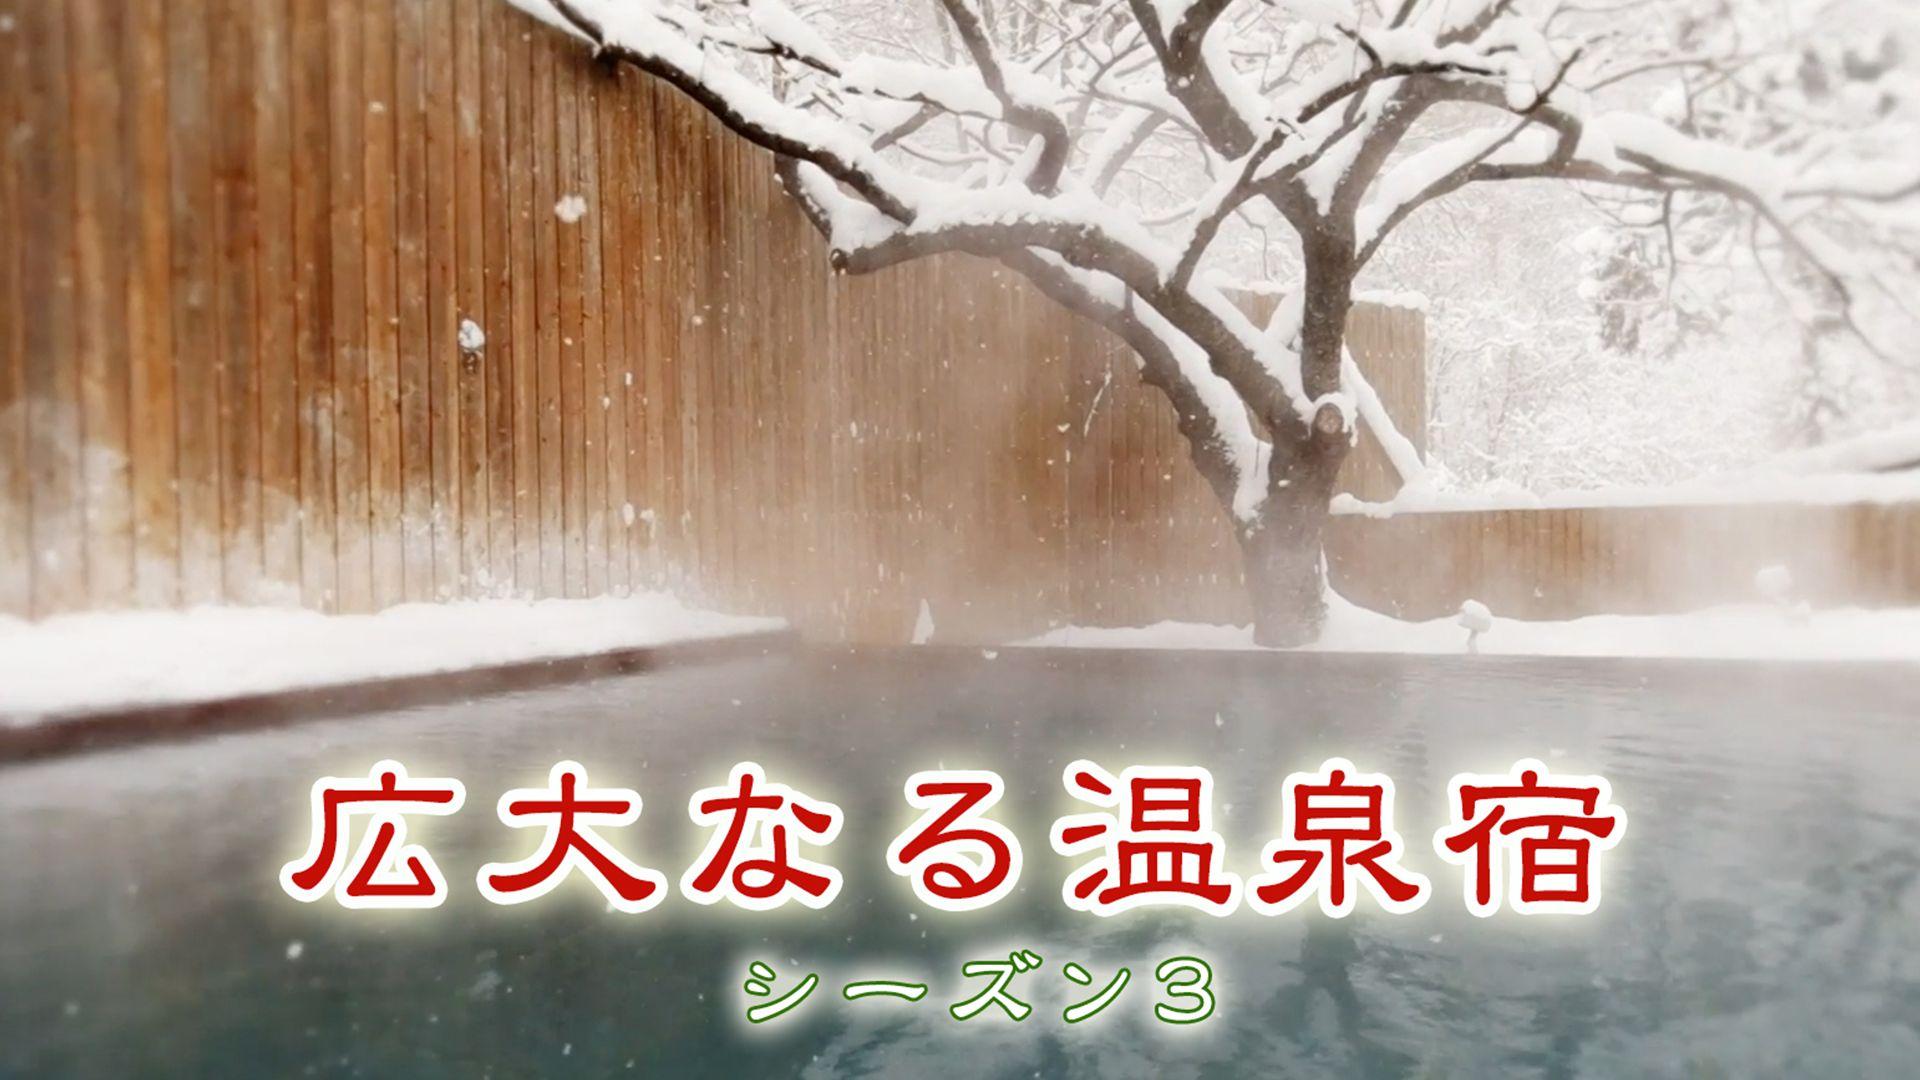 広大なる温泉宿 シーズン3